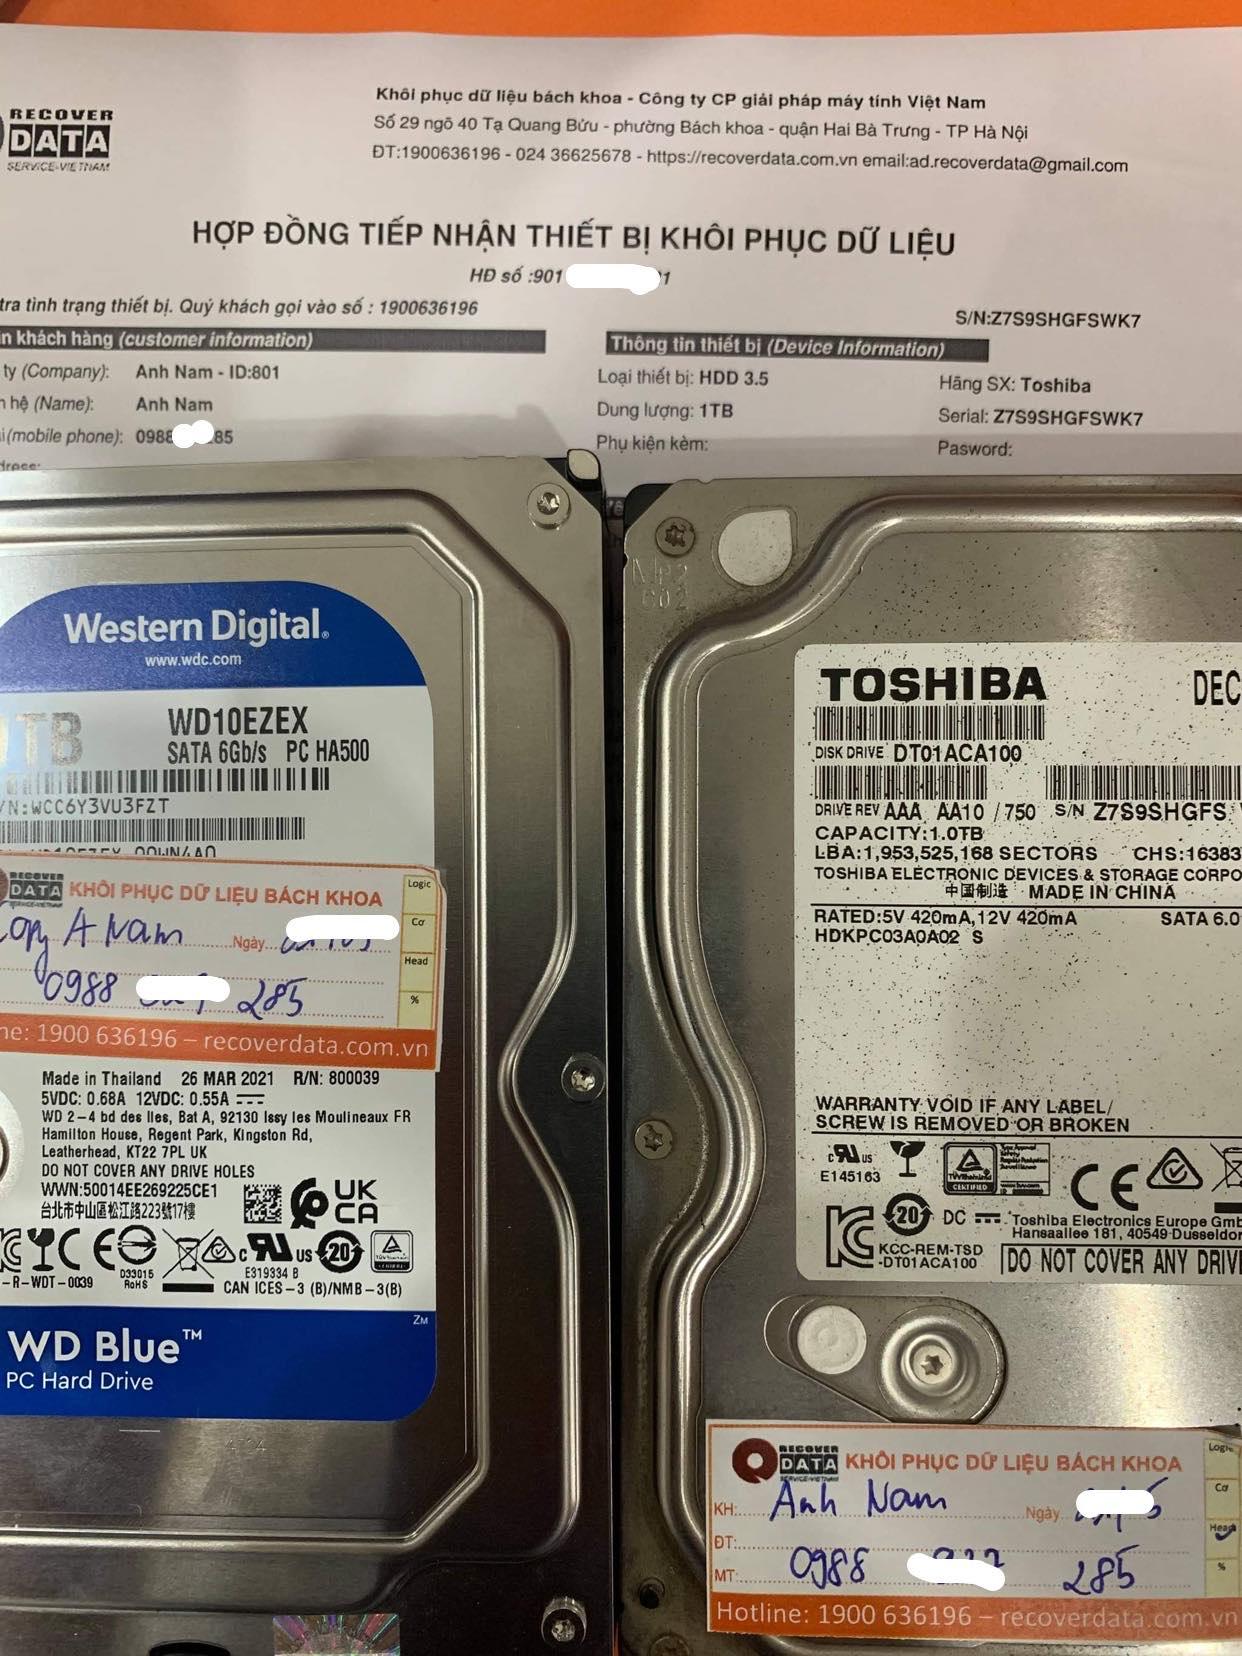 Khôi phục dữ liệu ổ cứng Toshiba 1TB lỗi đầu đọc - 01/06/2021